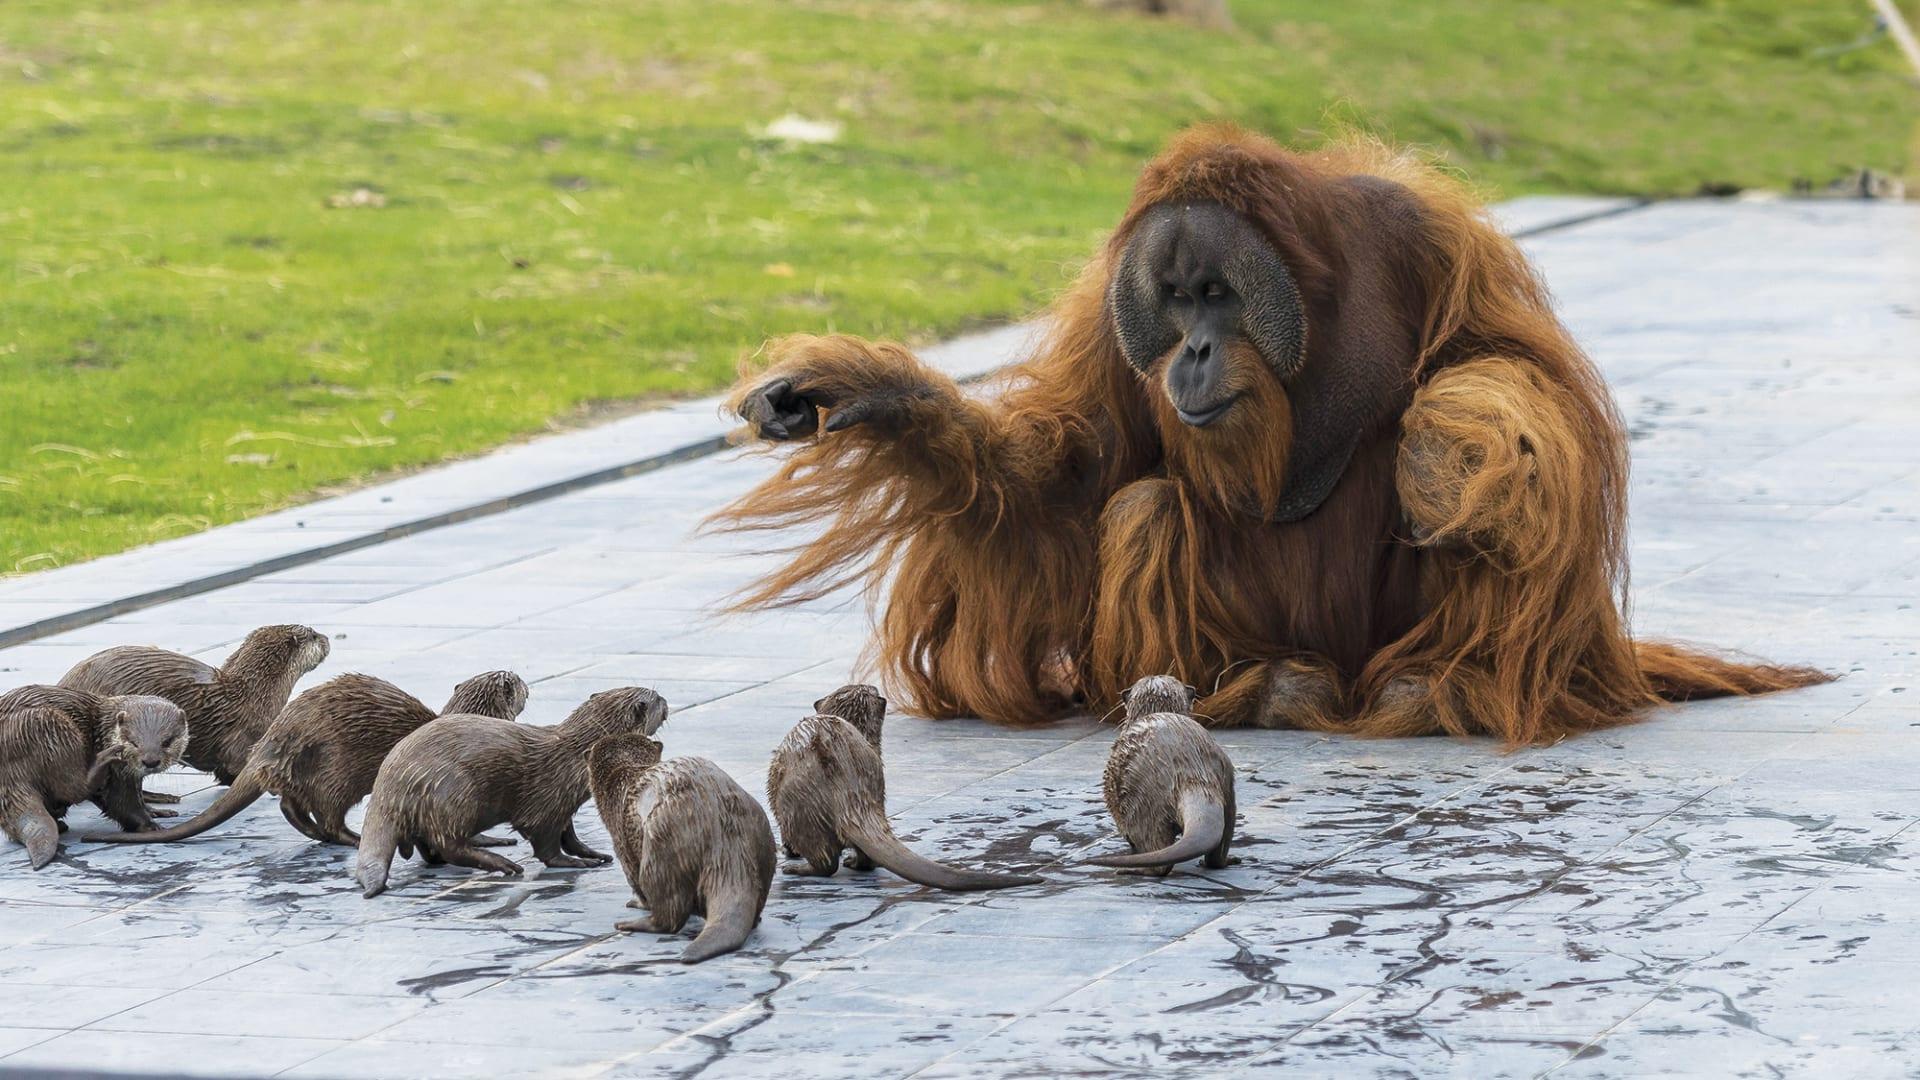 حديقة حيوانات تلتقط صور ظريفة لقردة أورانجوتان وهي تلعب مع أصدقائها القنادس